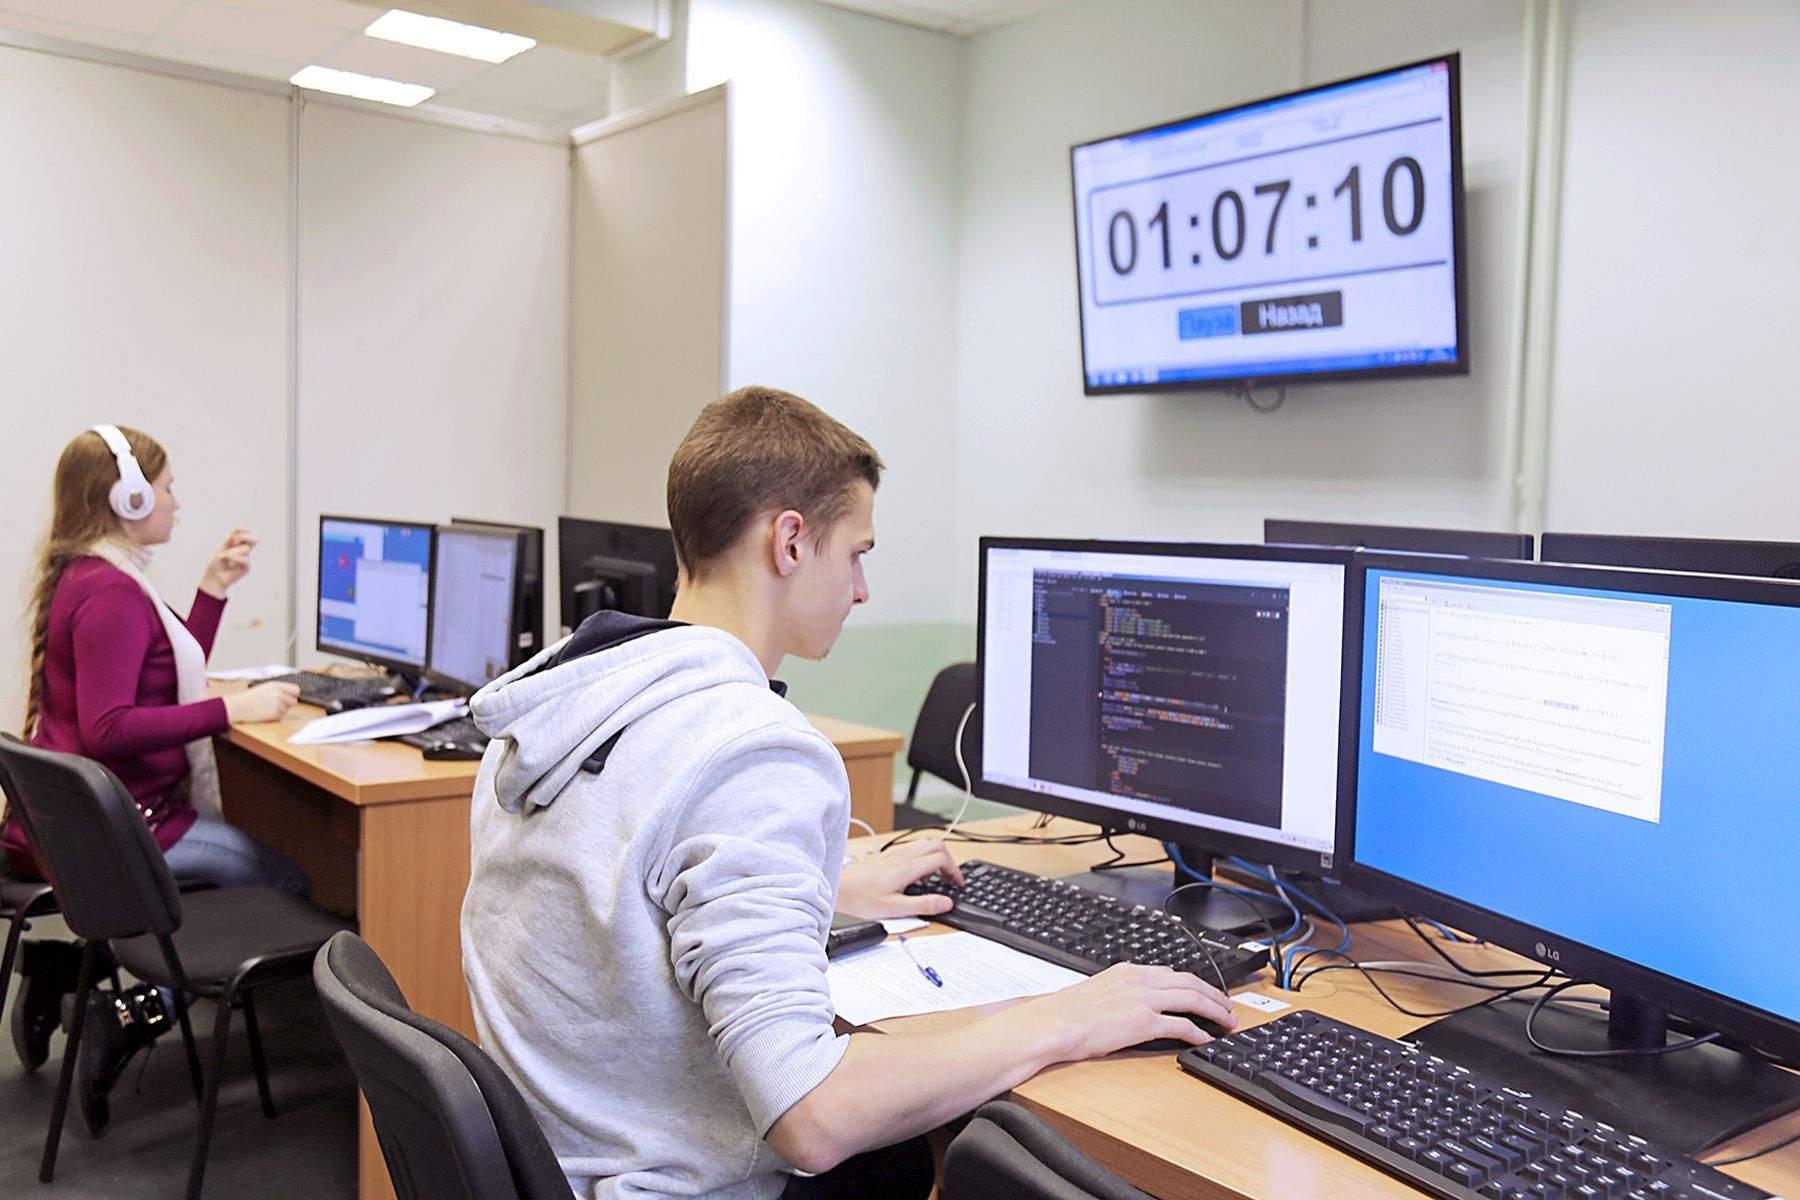 Студенты ВГУЭС подтвердили свои знания и навыки на демоэкзамене «Веб-дизайн и разработка»